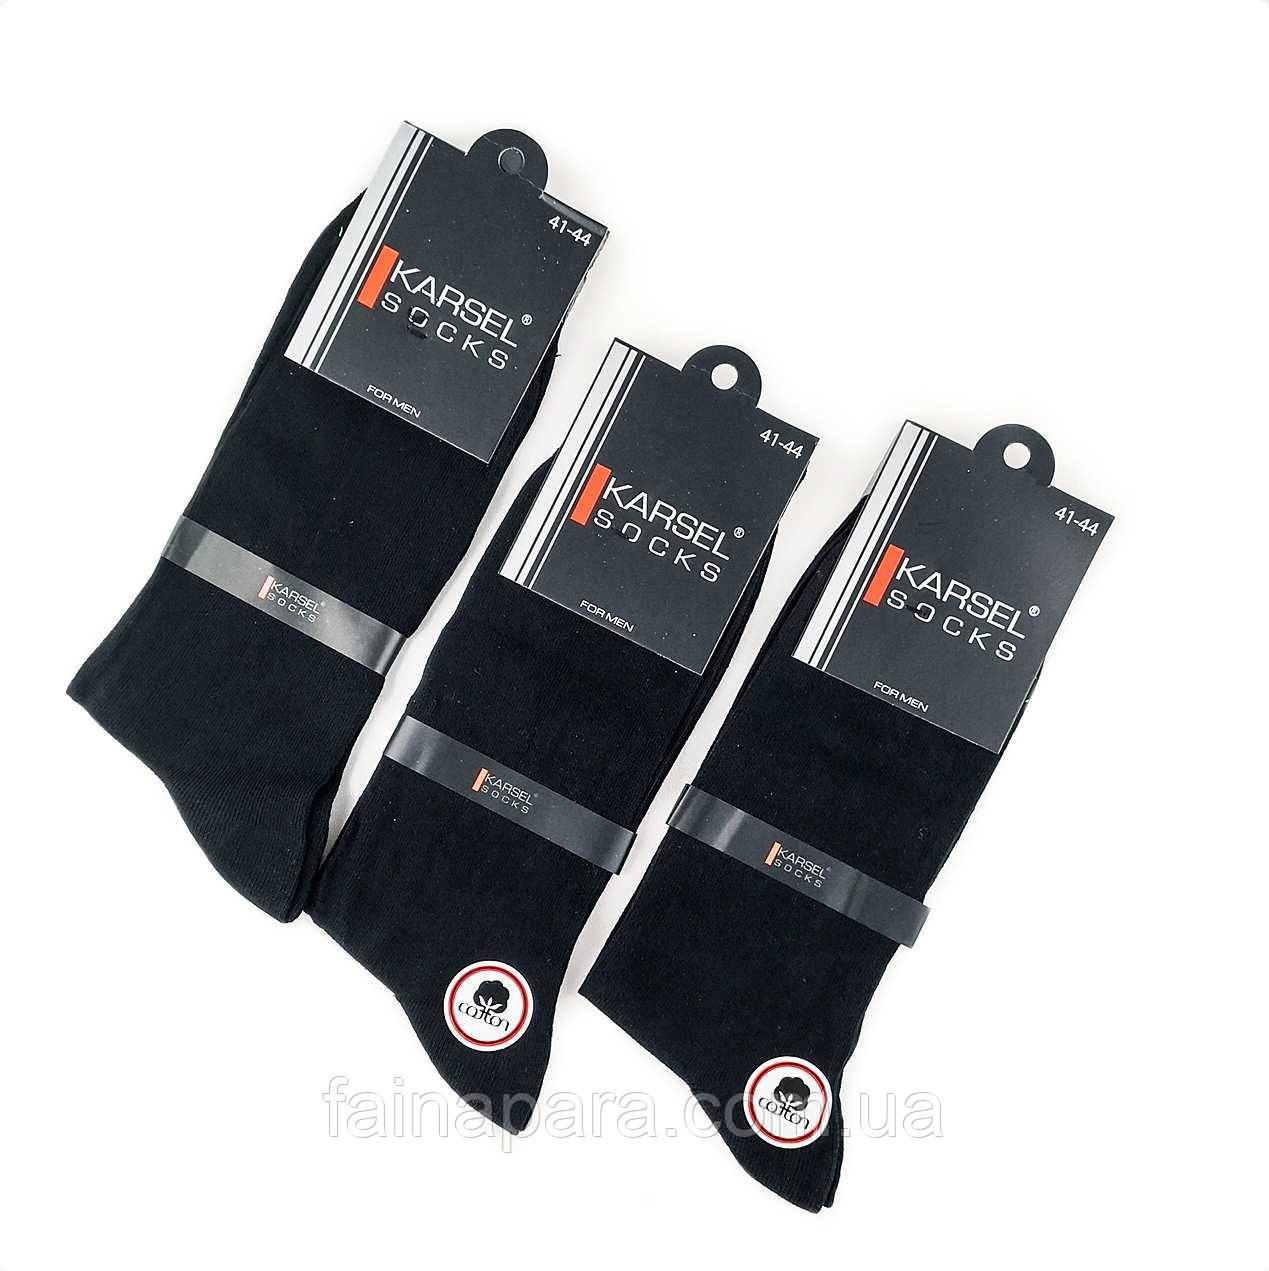 Мужские демисезонные носки с широкой резинкой черные